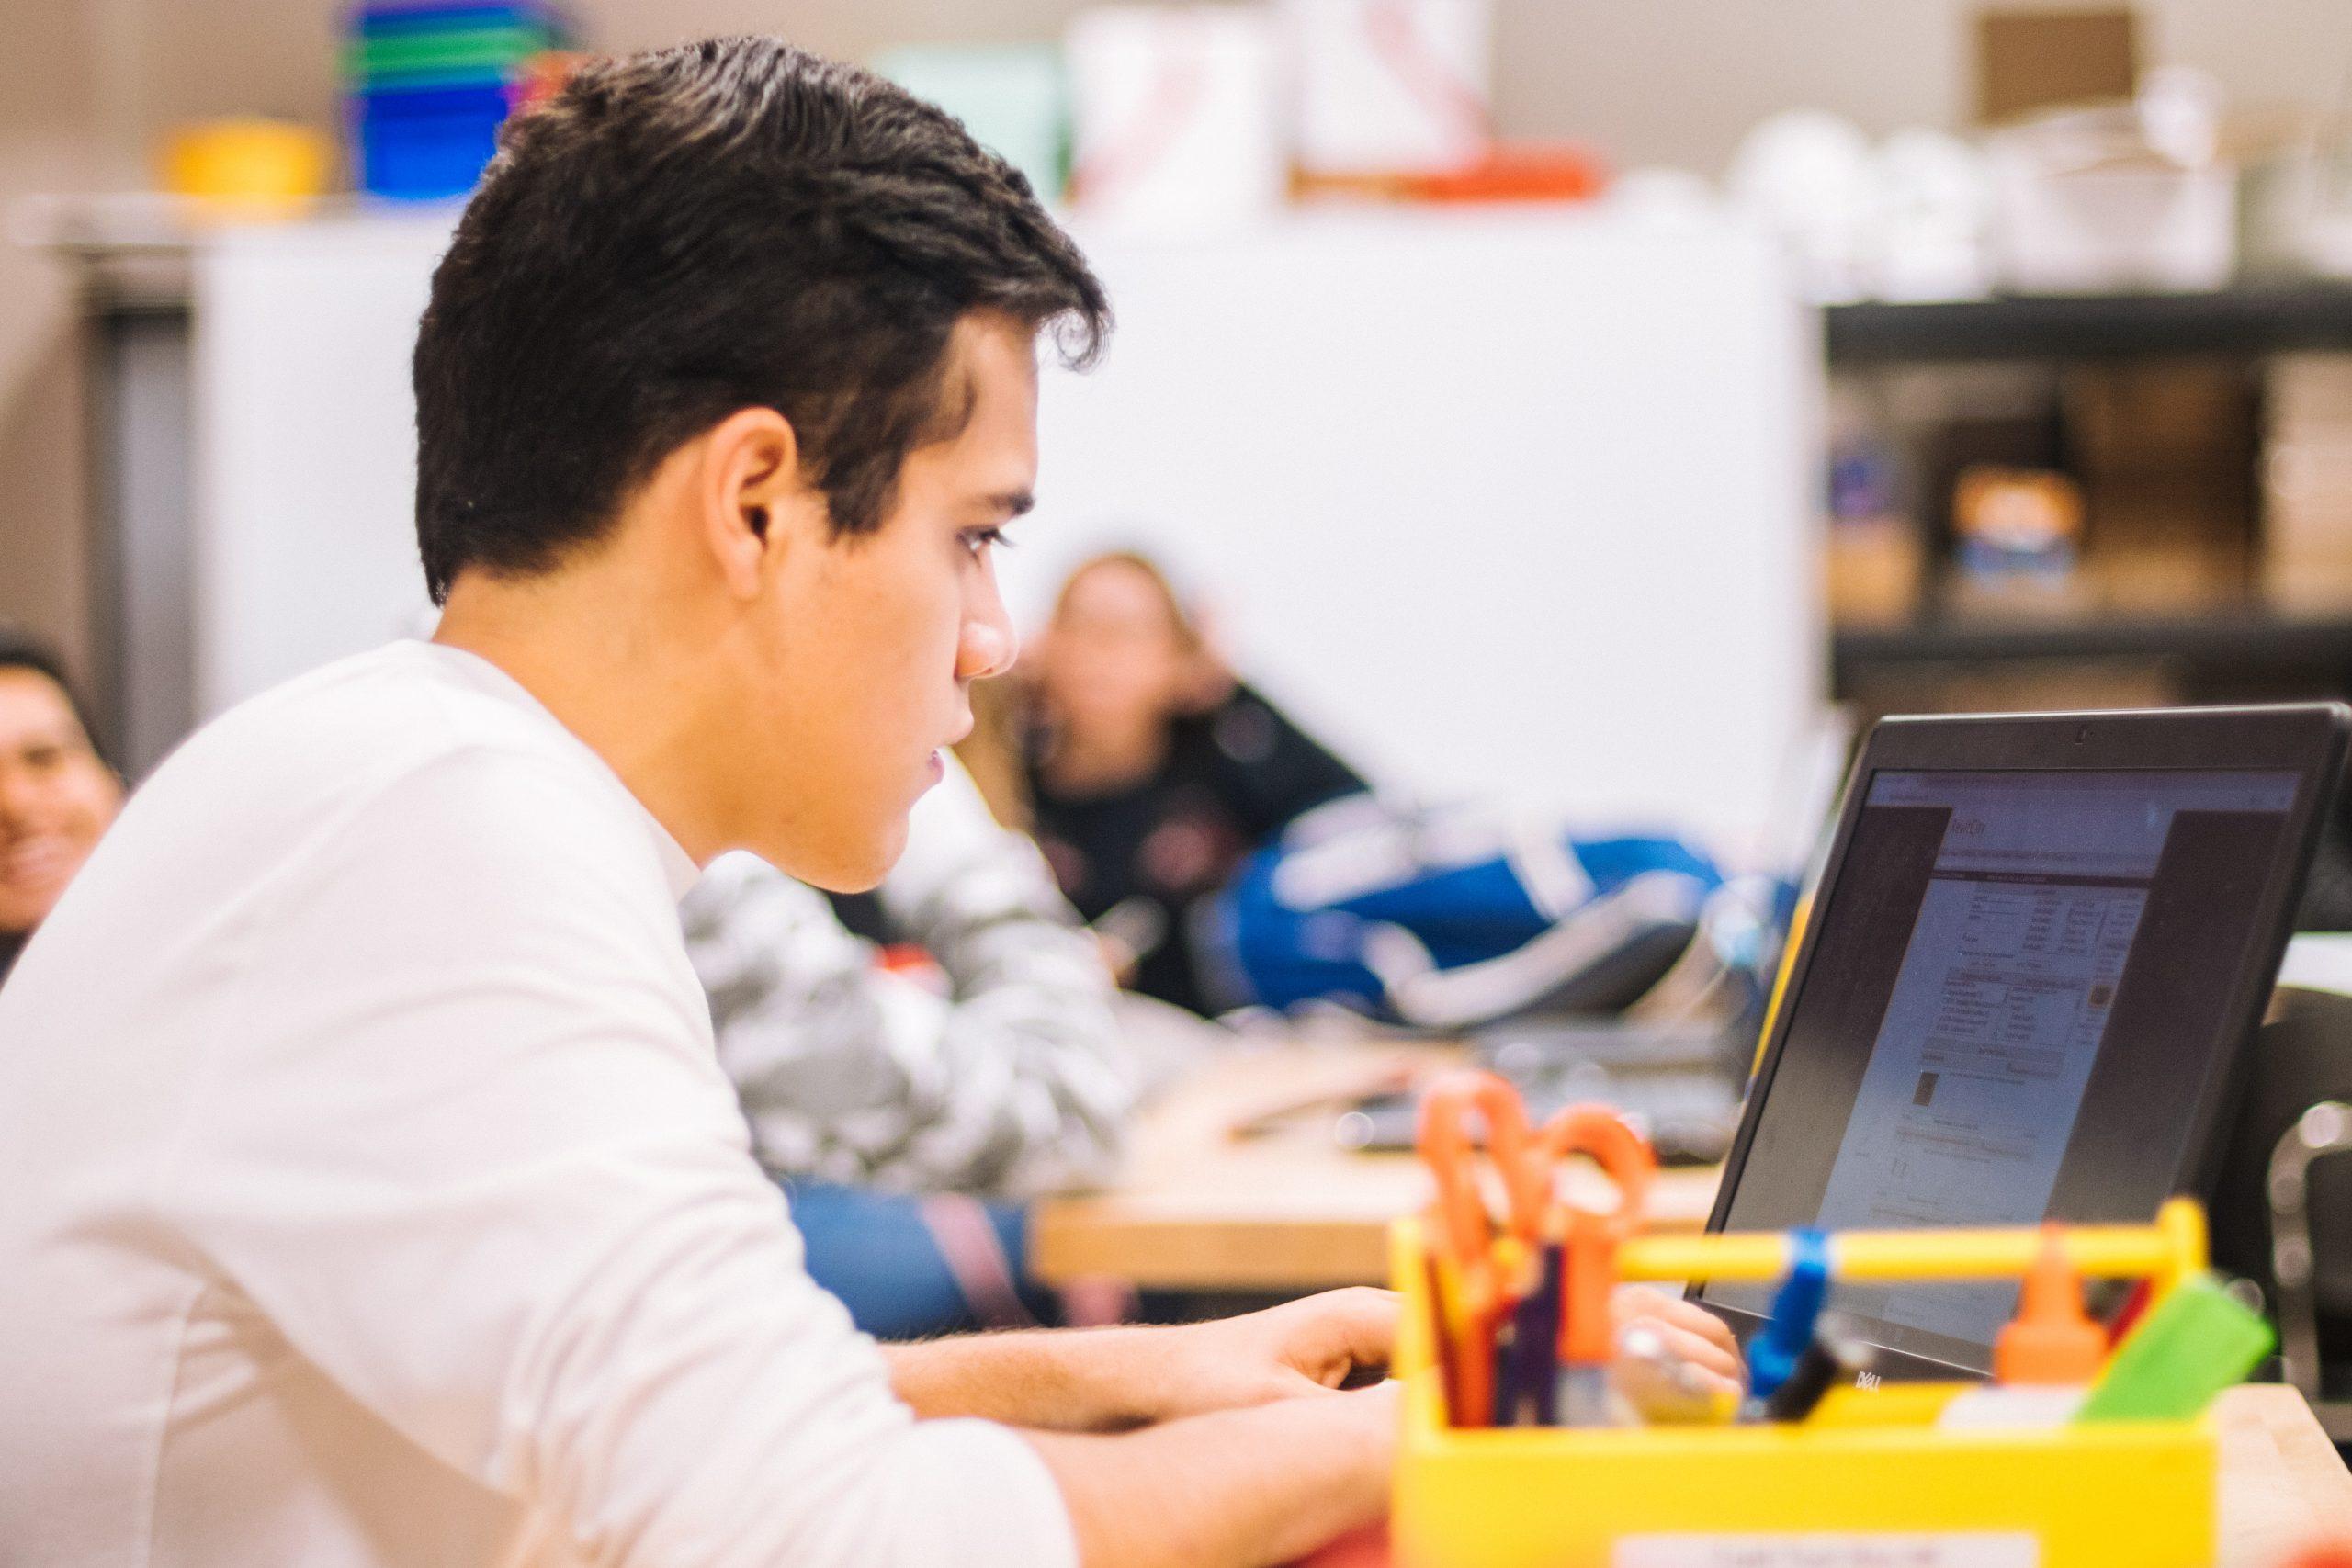 Kreativ, innovativ, nachahmenswert: Der Smart School Wettbewerb